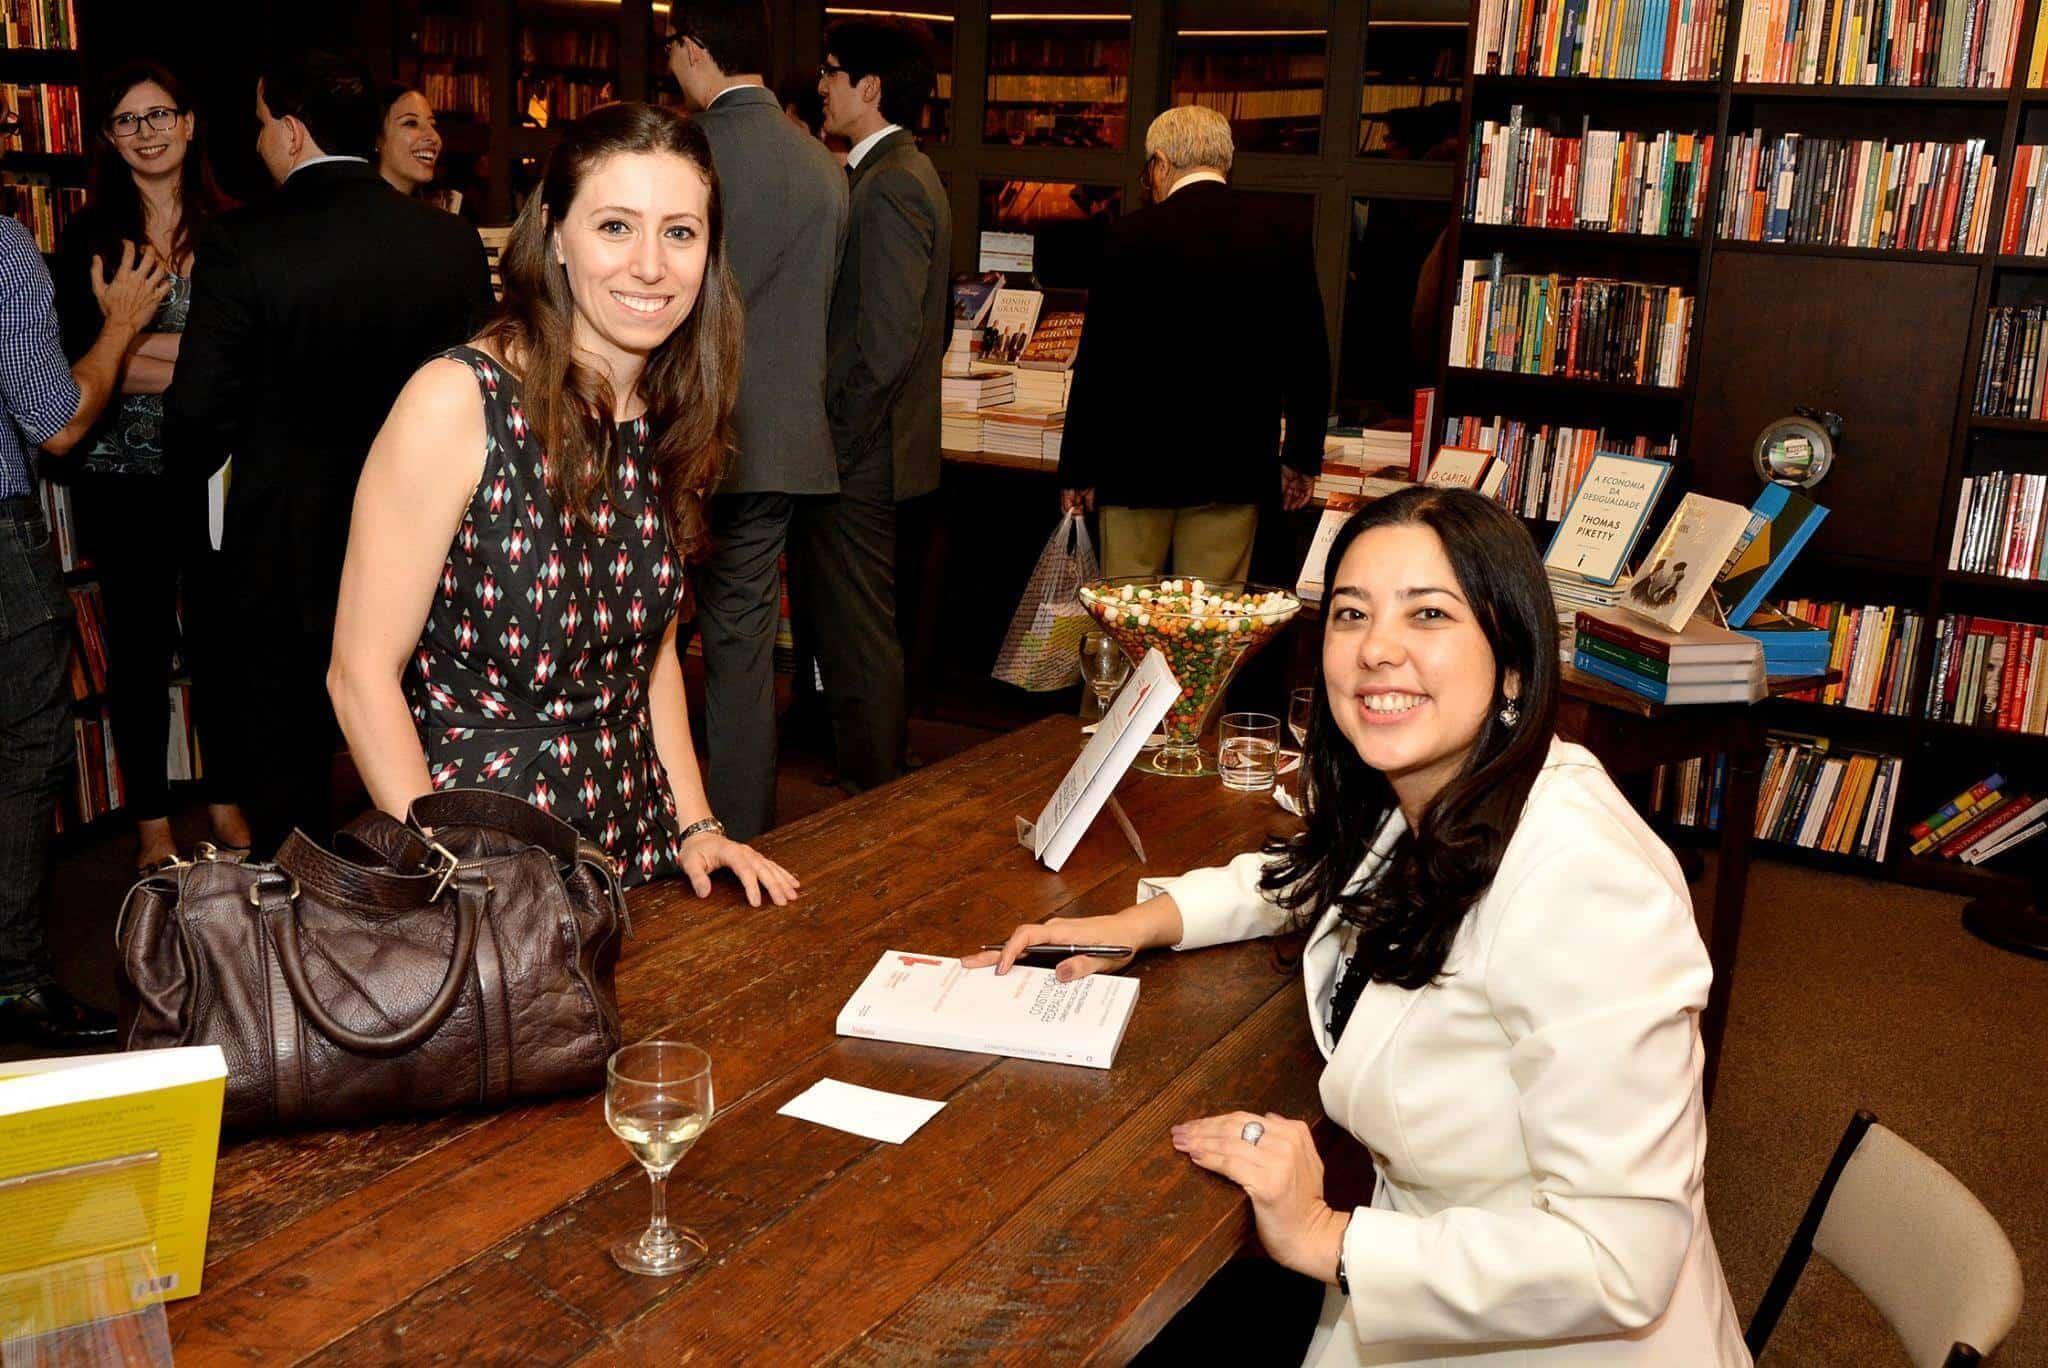 Lançamento livros Marrara e Nohara | Direito Administrativo